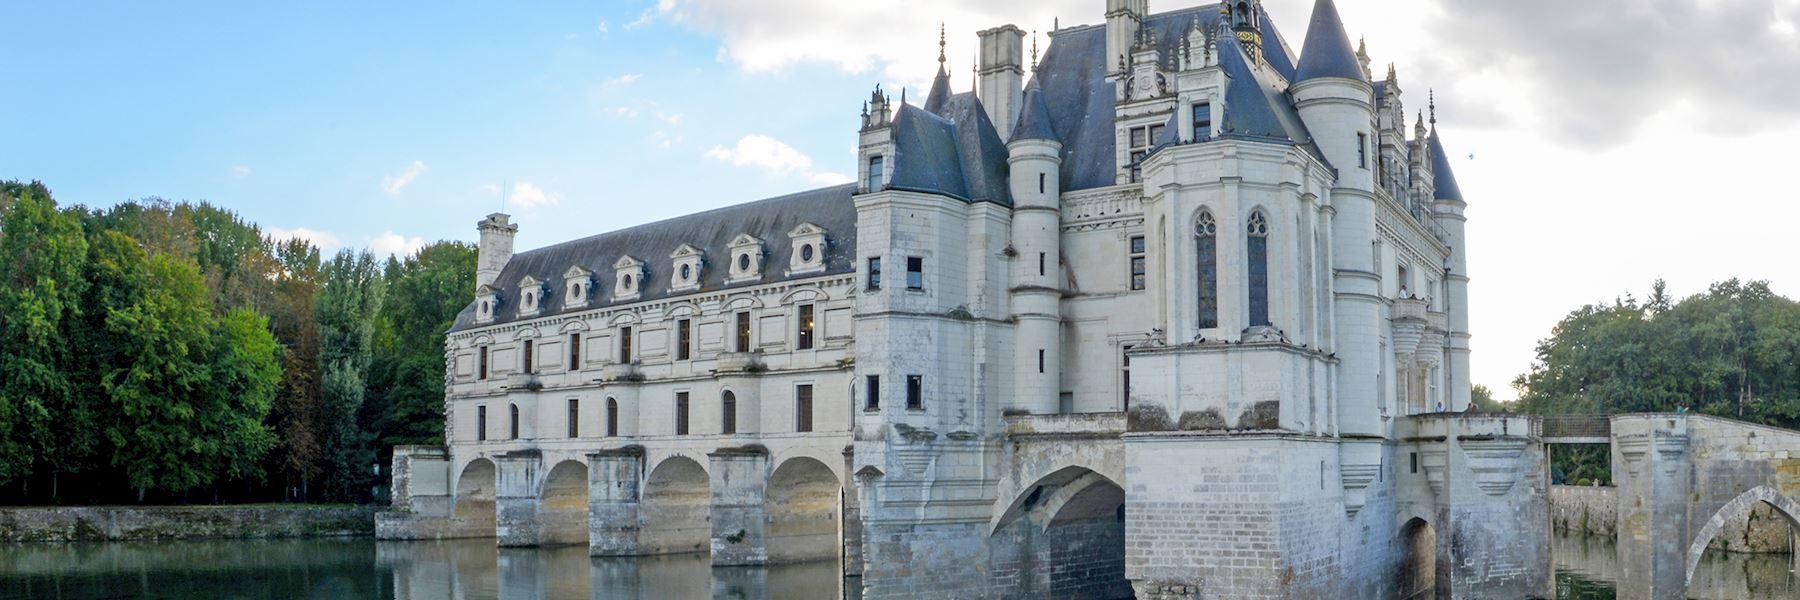 Visit Château de Chenonceau, France